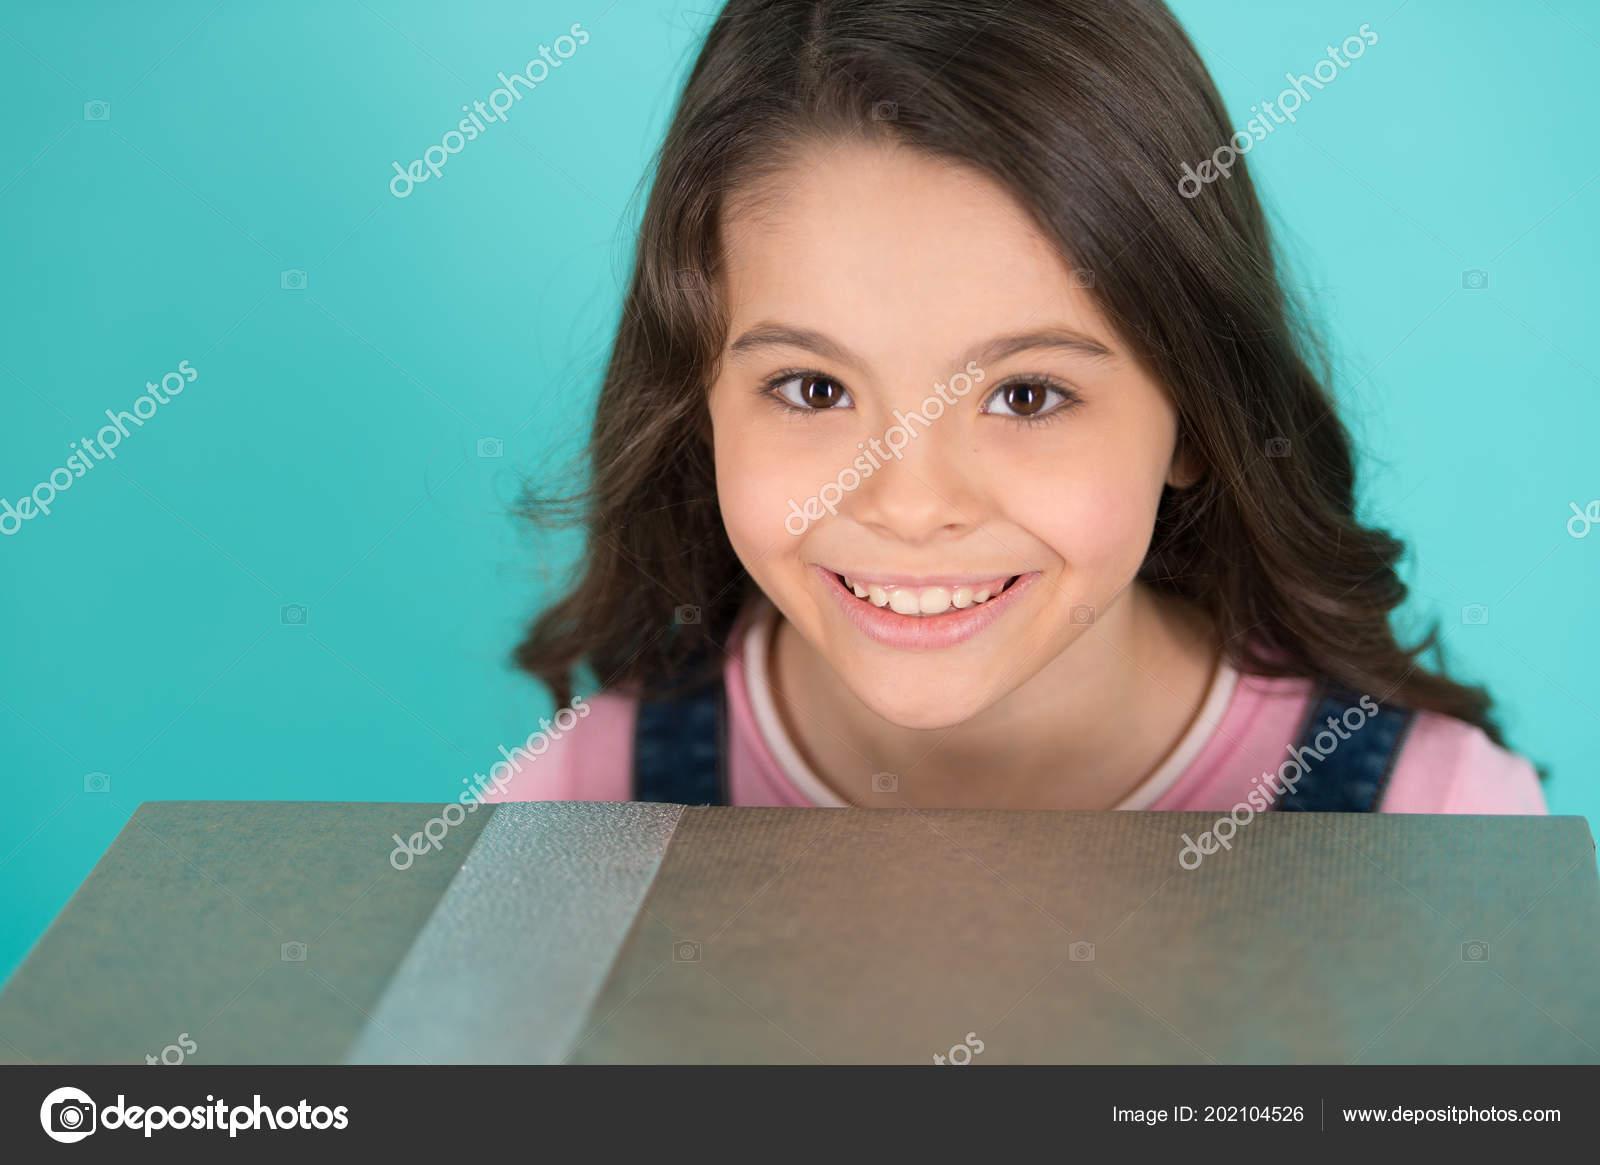 Cara feliz niño tiene fondo turquesa caja de regalo grande. Carita feliz  adorable peinado rizado de niña celebrar cumpleaños.